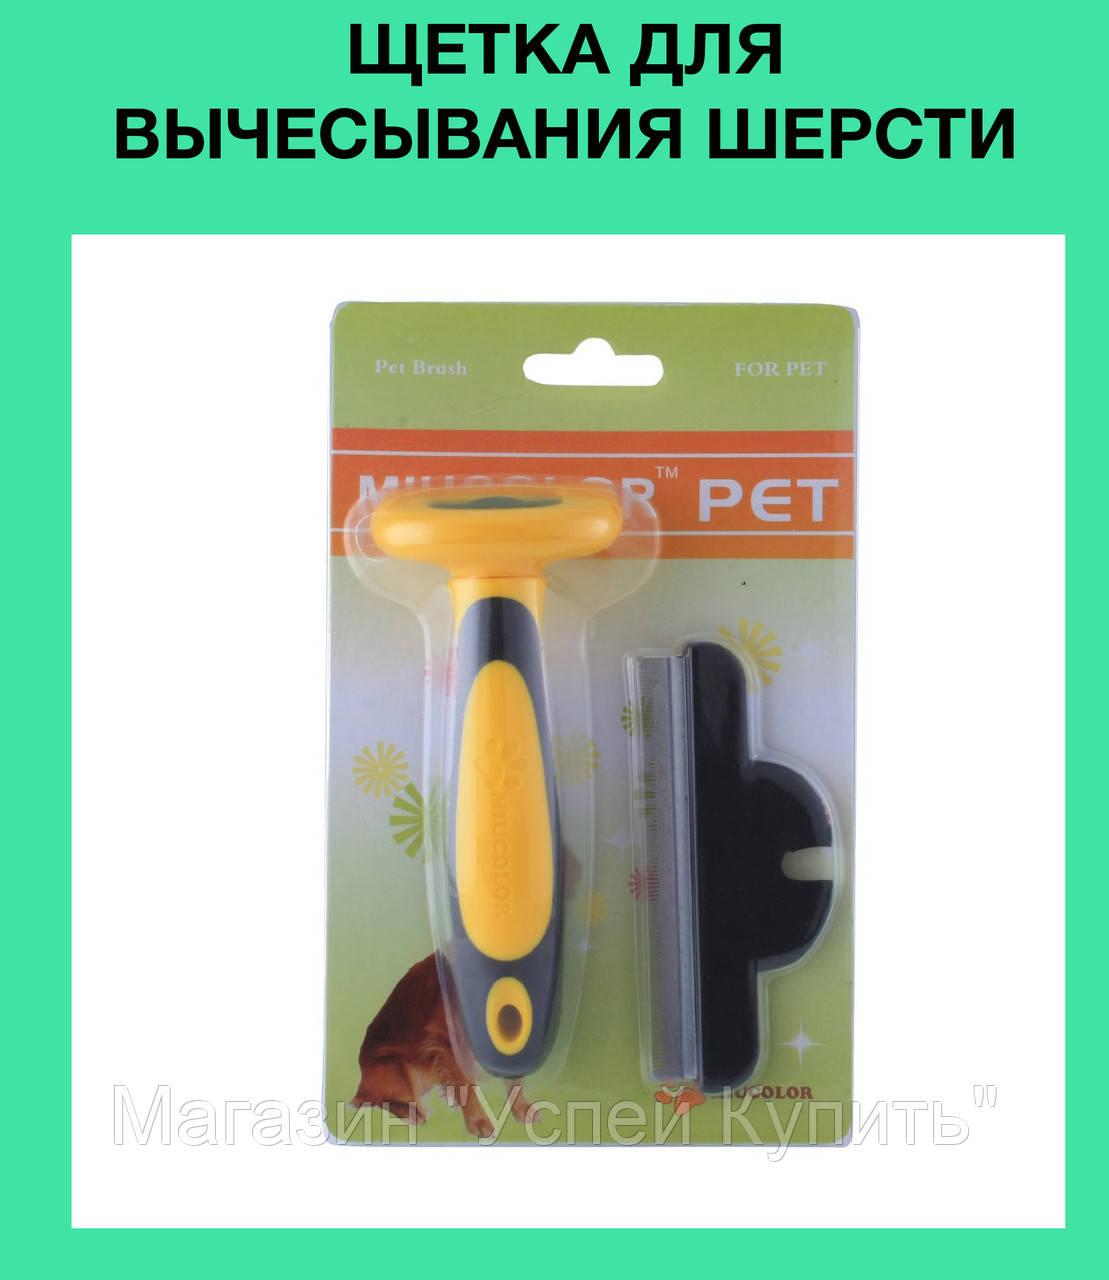 """Pet Care 4inch щетка для вычесывания шерсти у животных!Опт - Магазин """"Успей Купить"""" в Кривом Роге"""